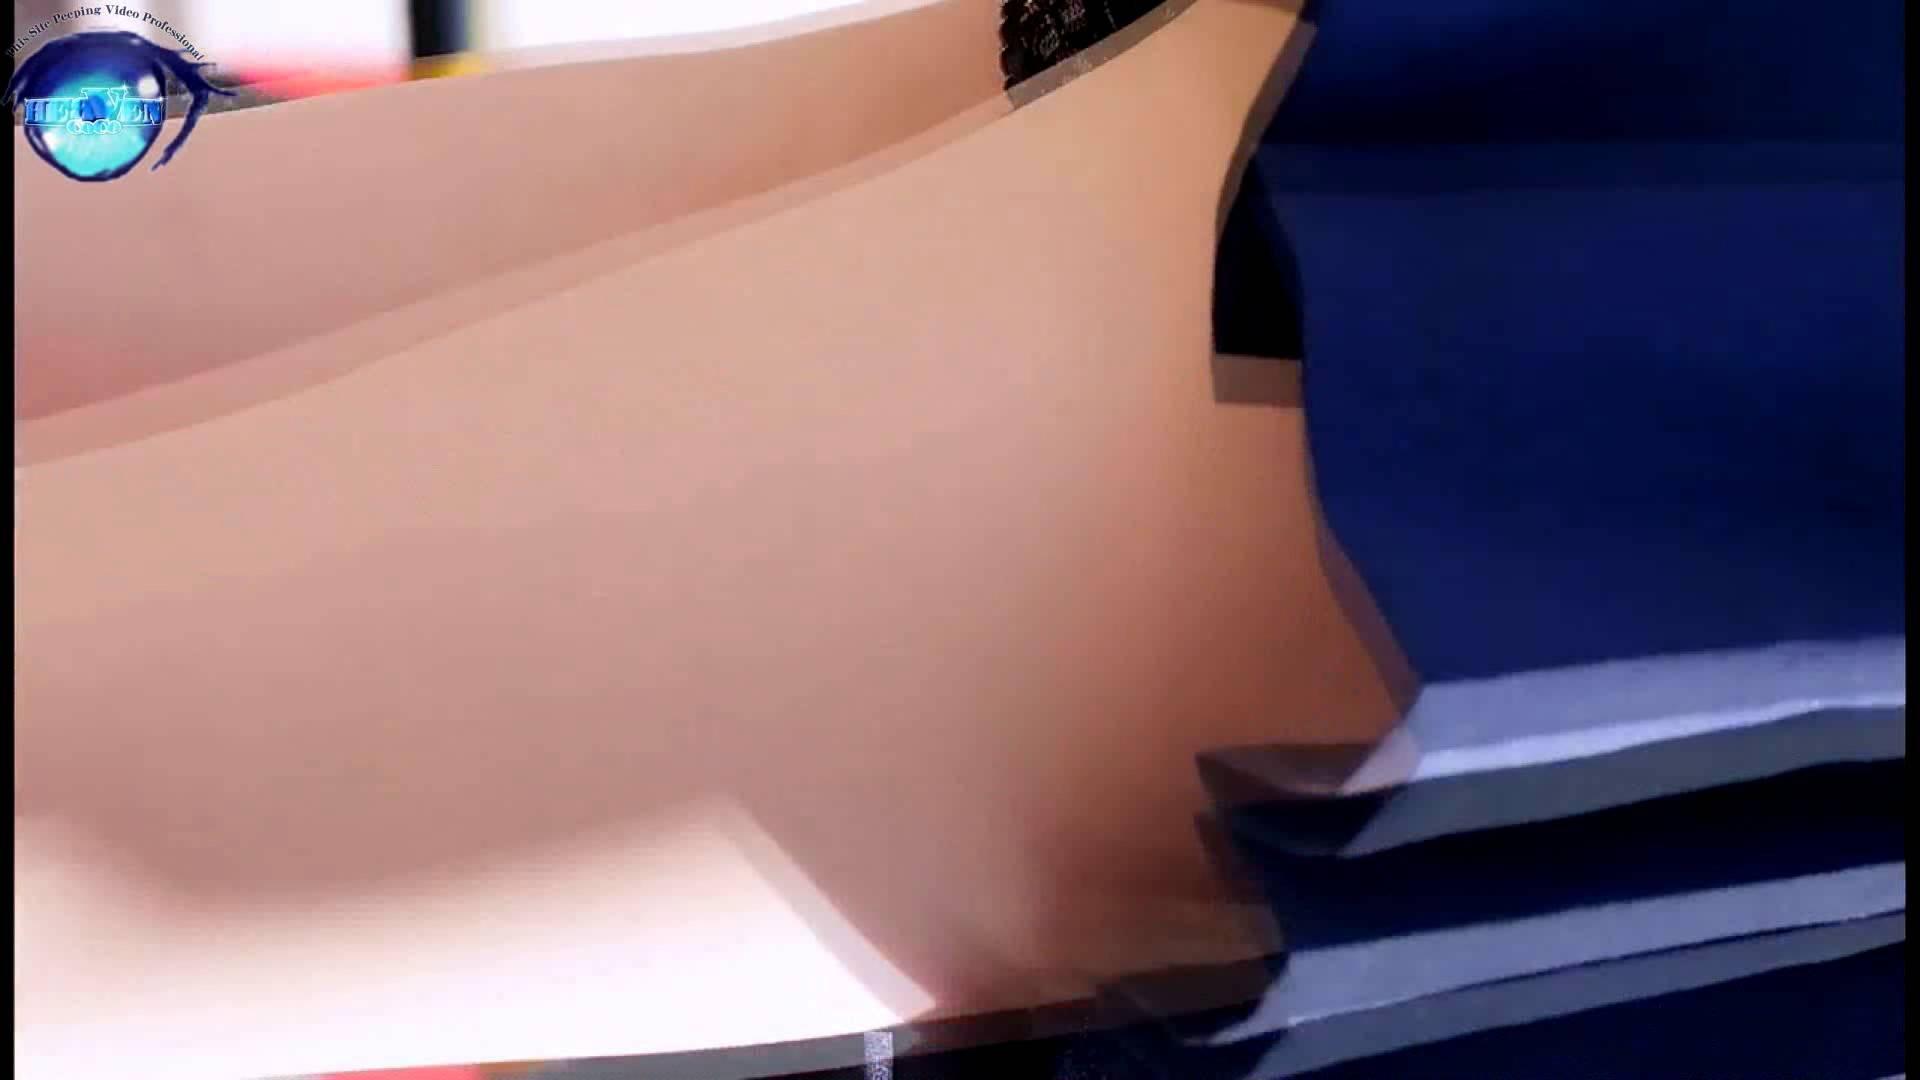 コスプレイヤー盗撮Vol.09 盗撮   OLエロ画像  82PICs 58